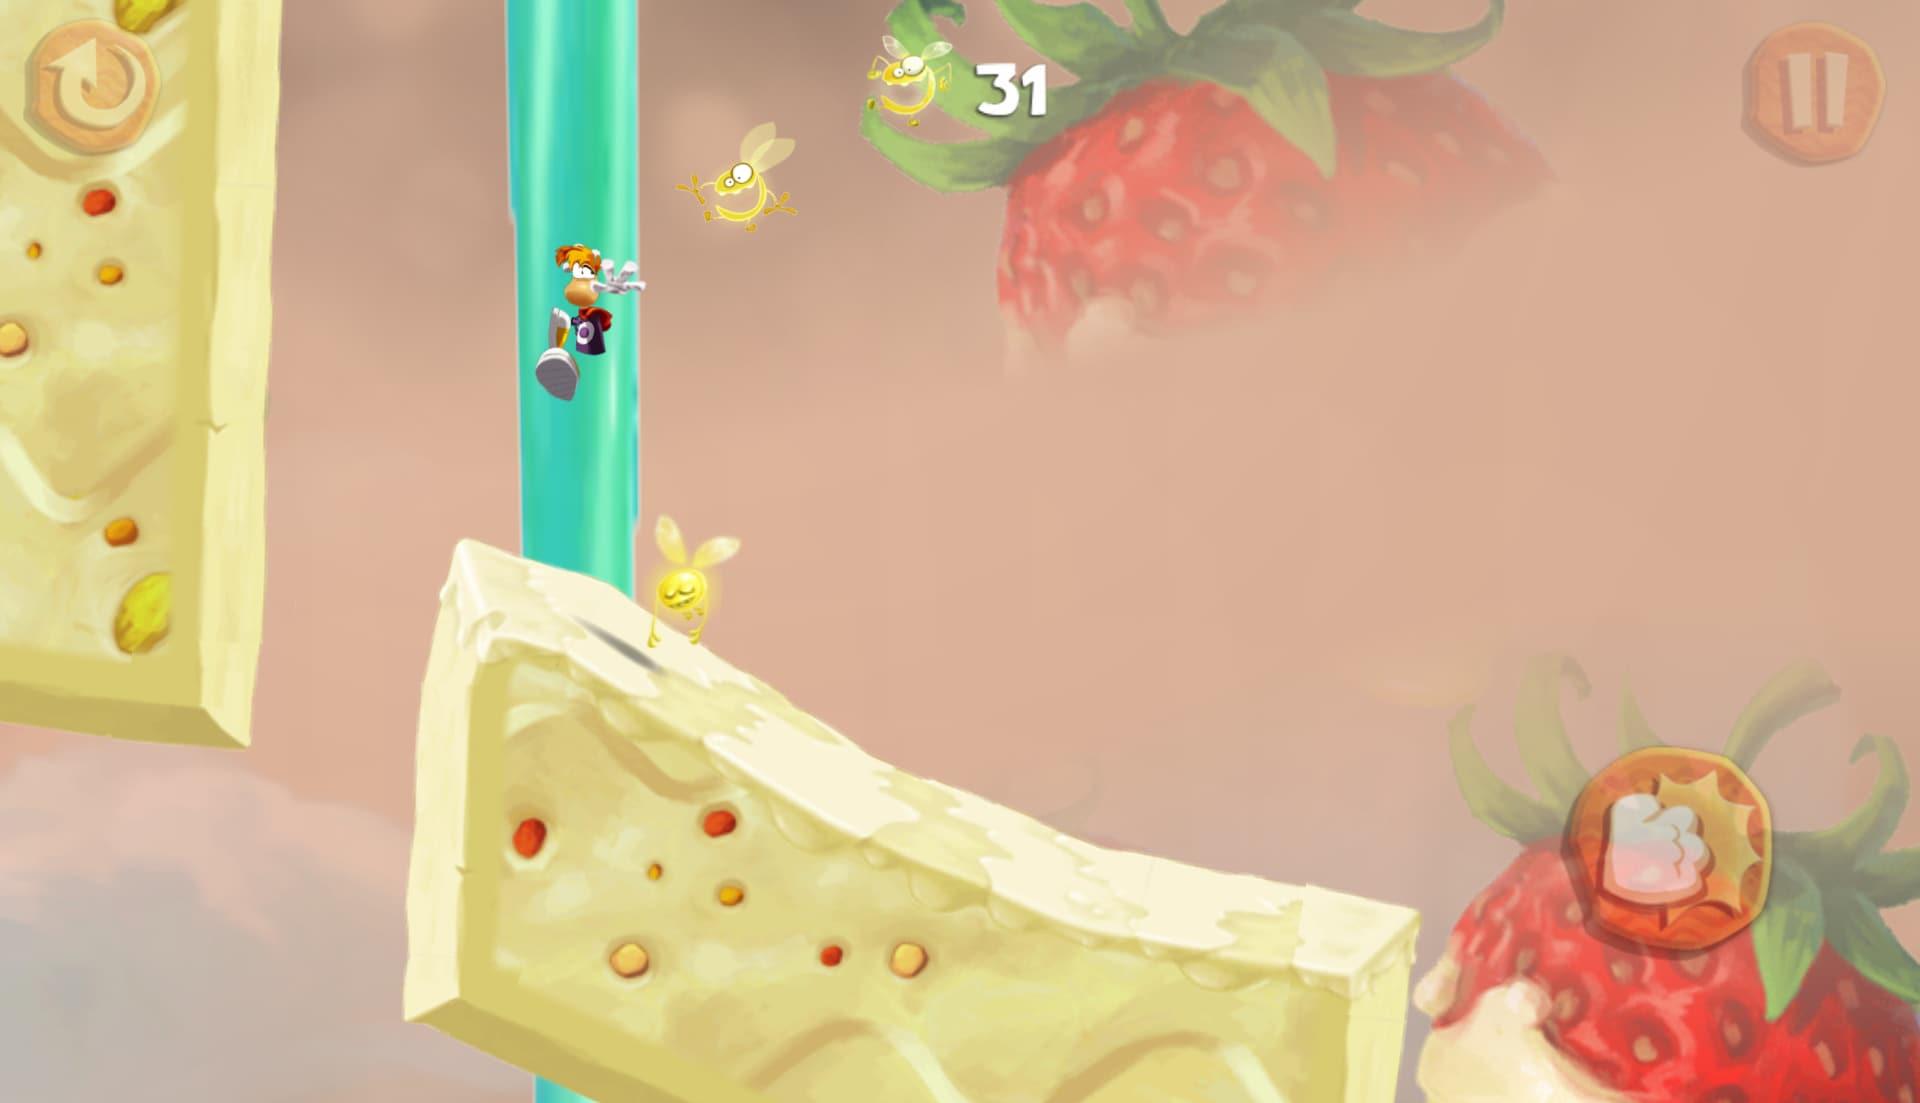 Wall Jump, corsa sui muri, insomma, Rayman e compagni ne sanno di parkour!